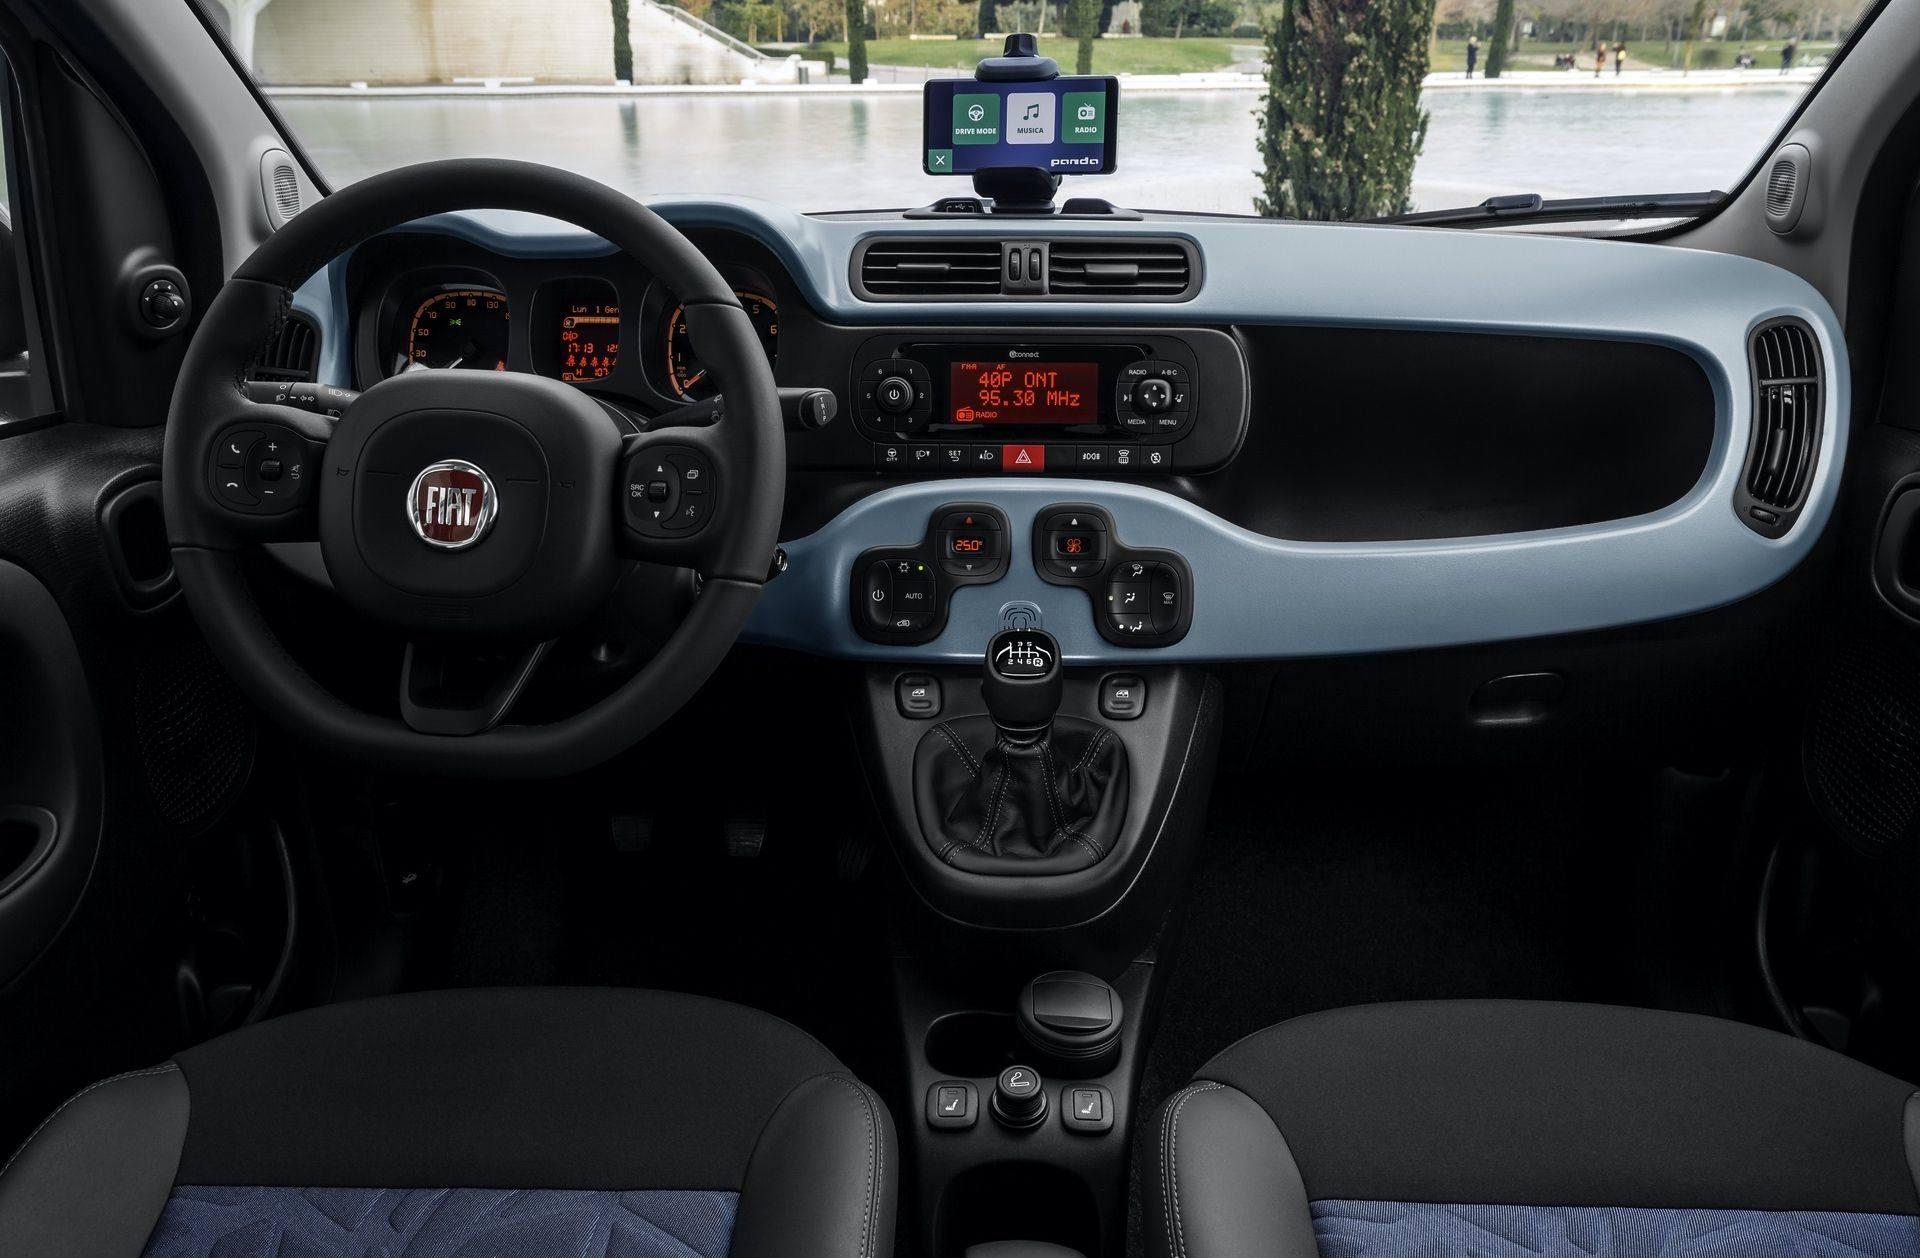 200108_Fiat_Panda-Hybrid_07